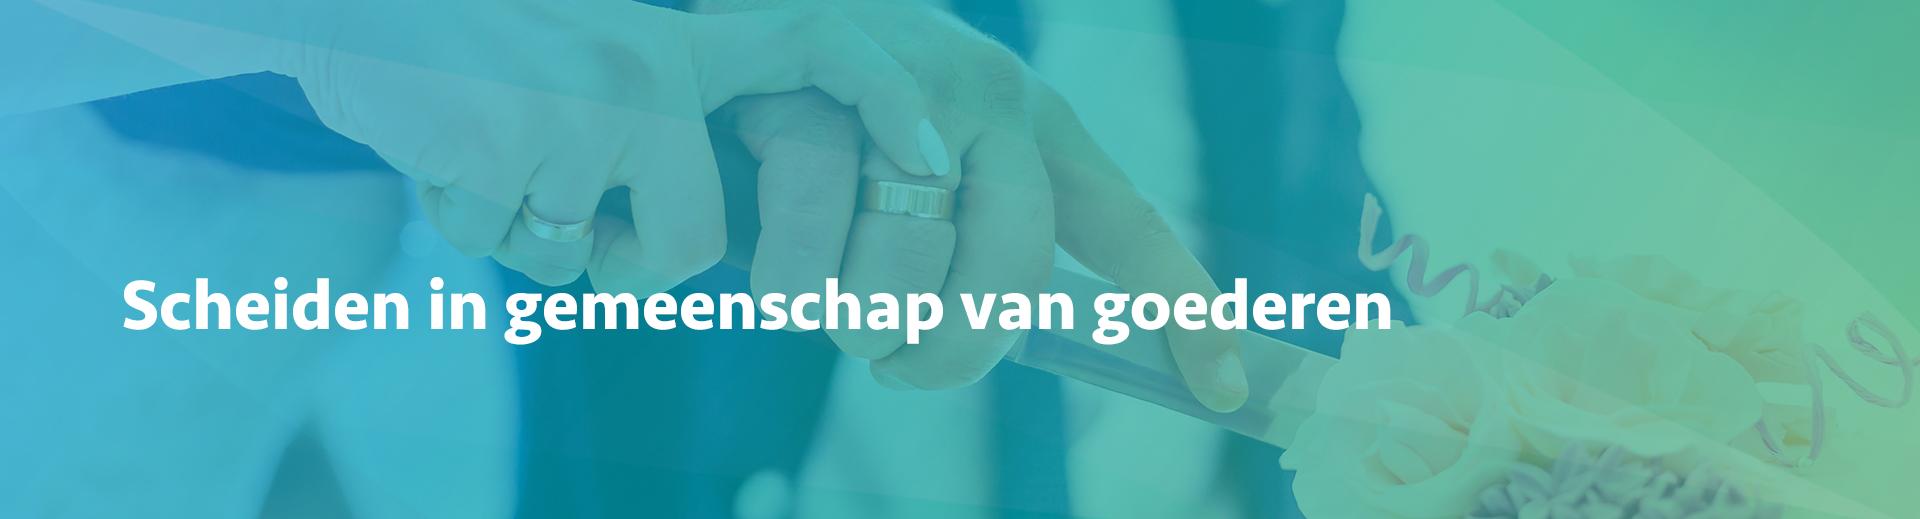 scheiden in gemeenschap van goederen - Scheidingsplanner Hilversum - Bilthoven - Soest - Het Gooi